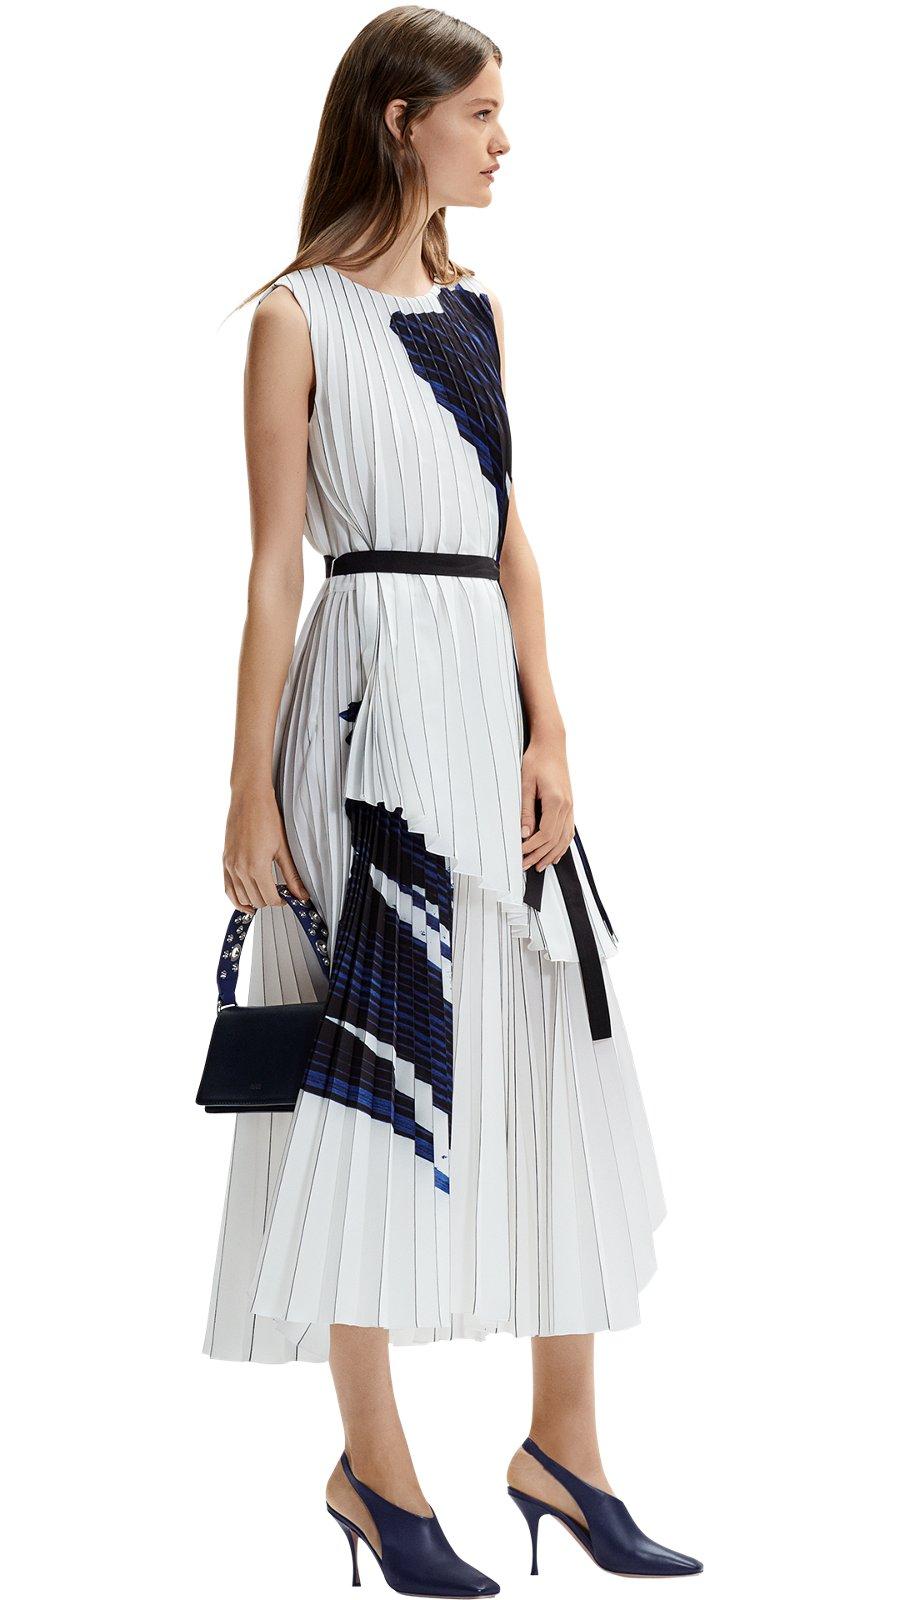 4eb3ff66f9 Modelo femenina con vestido vainilla claro y calzado blanco BOSS ...